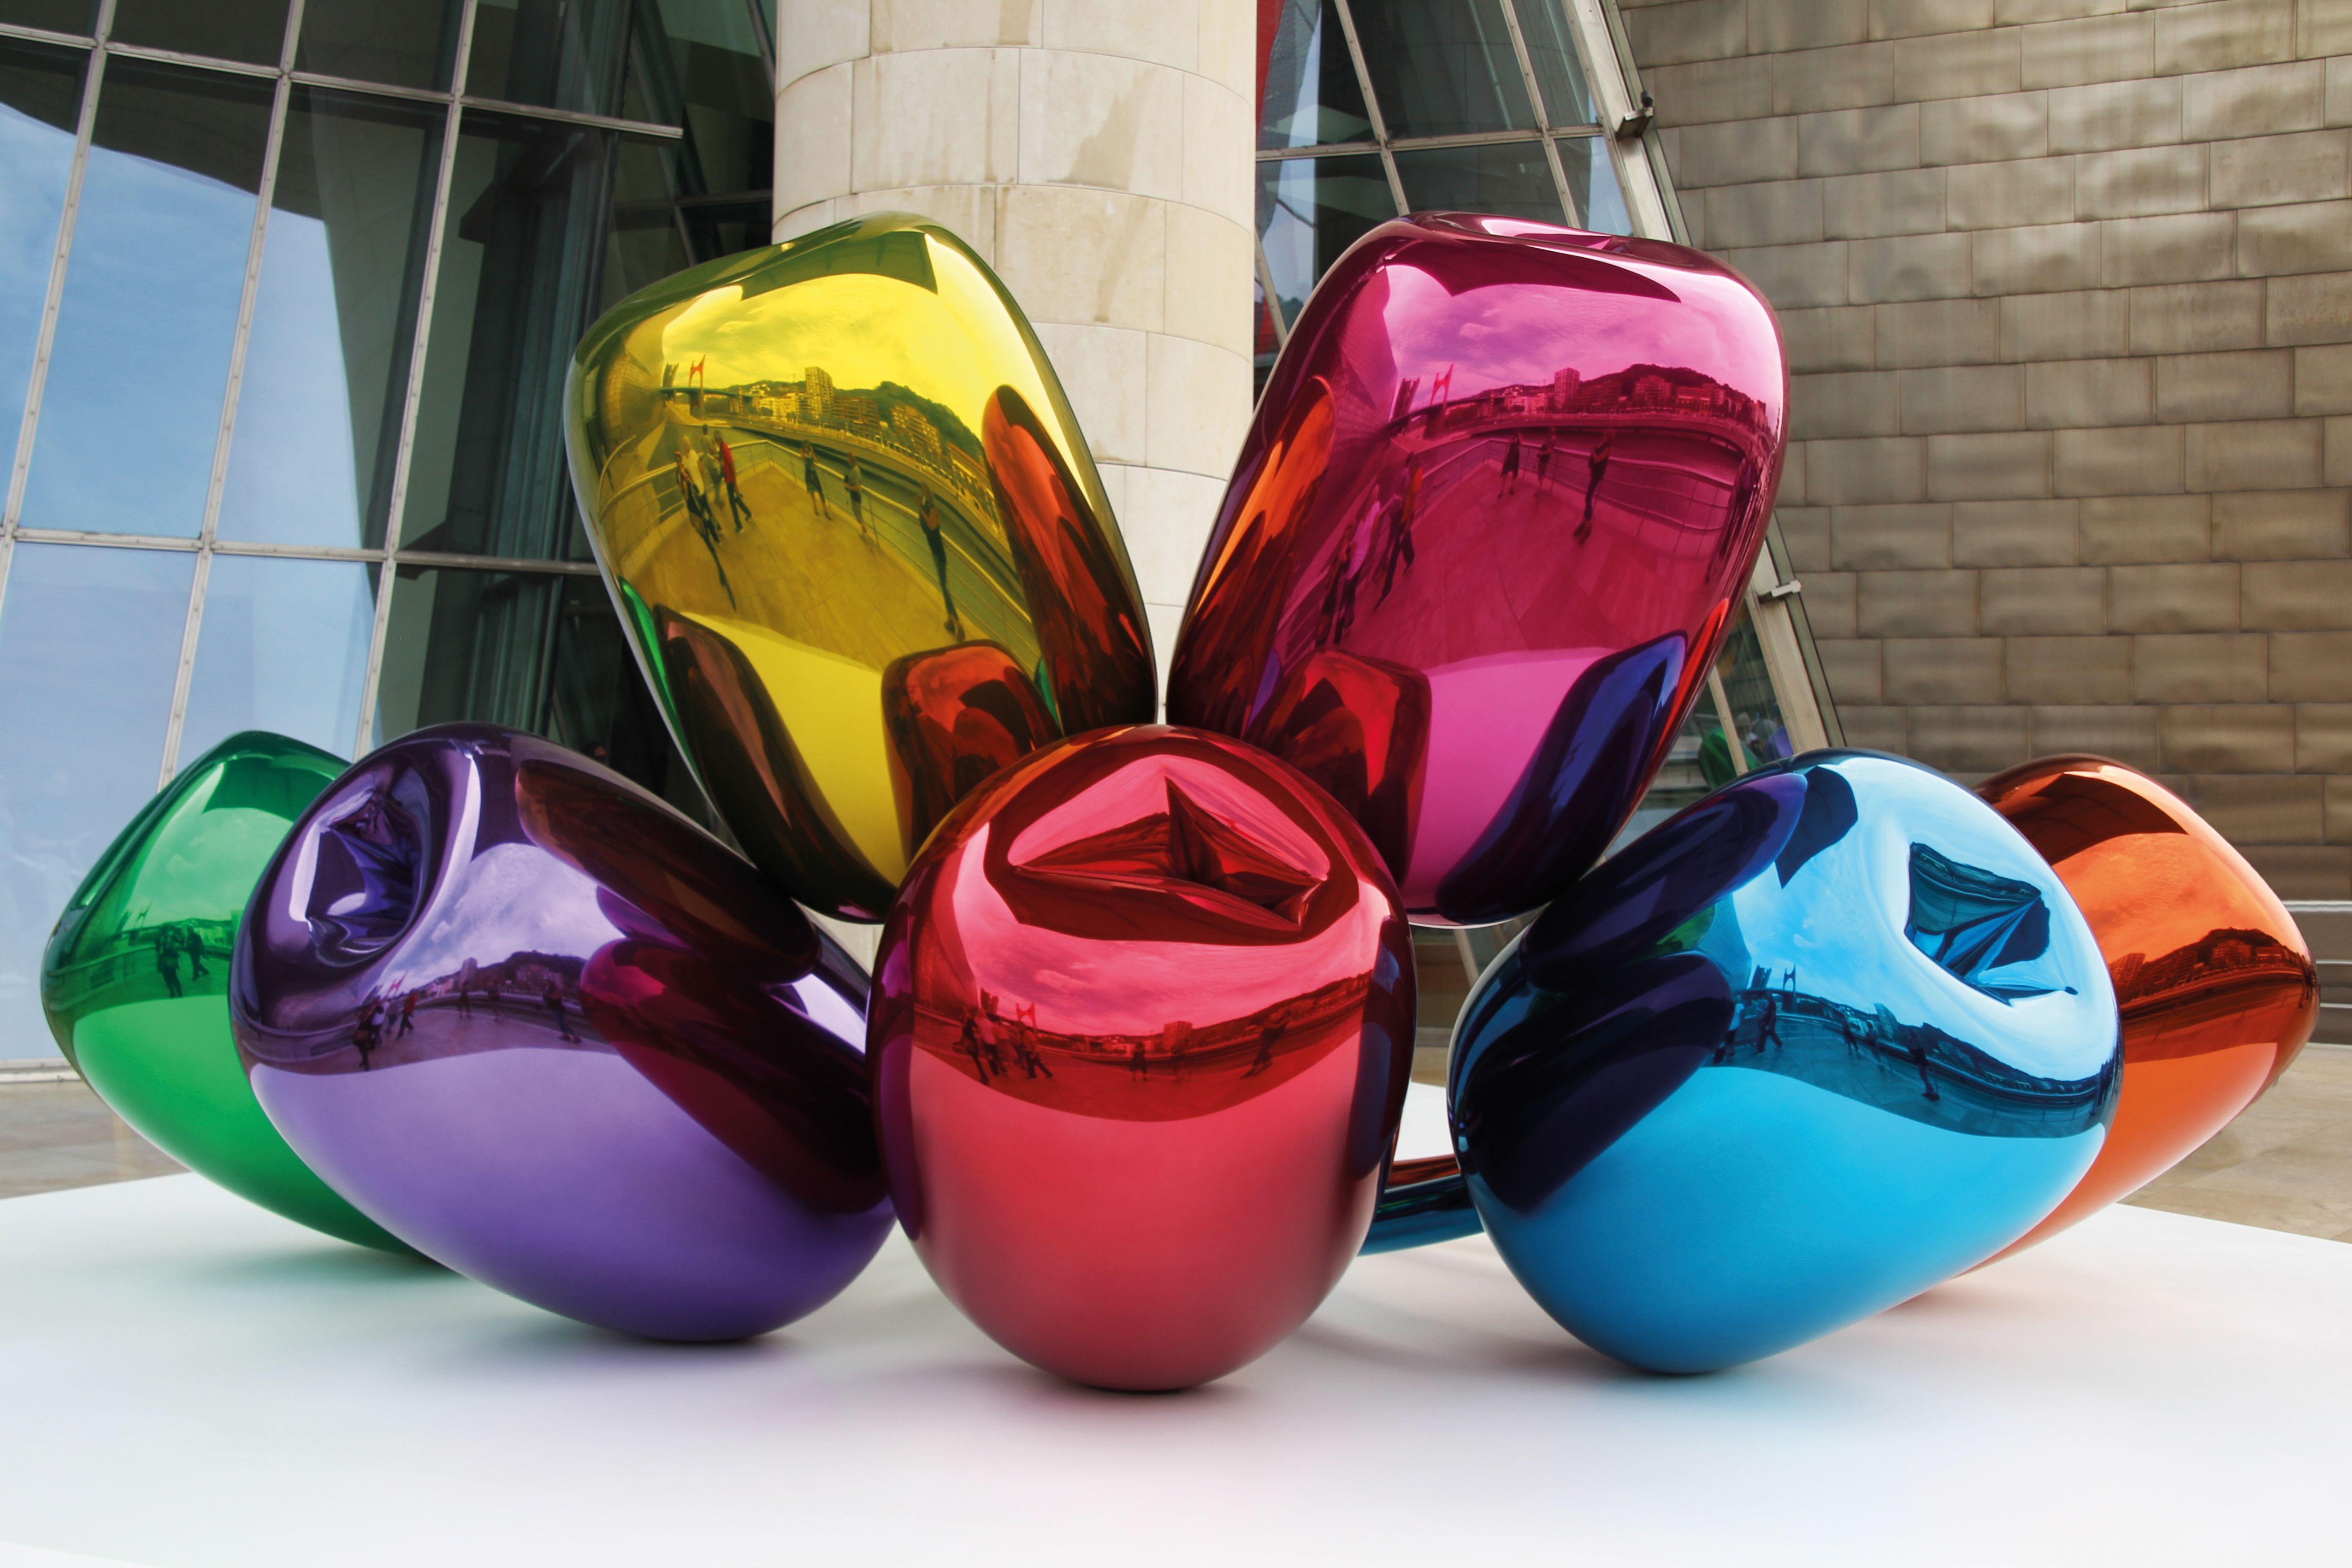 JE05: Kunstwerk: Tulips van Jeff Koons bij het Guggenheim Museum.